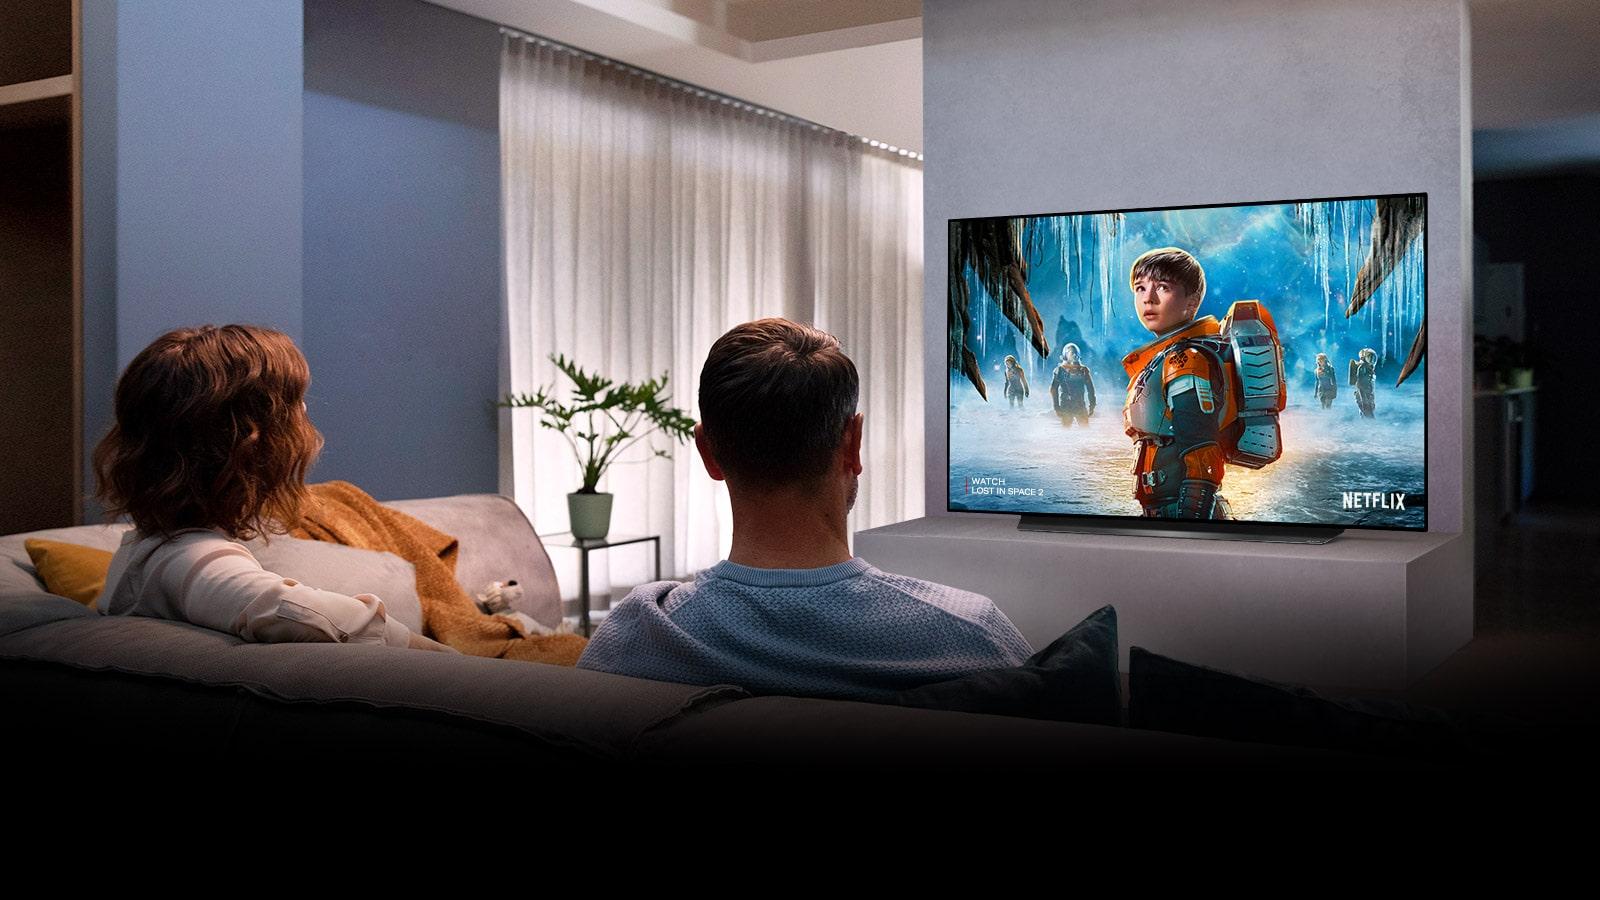 Para oglądająca na telewizorze w salonie romantyczny film